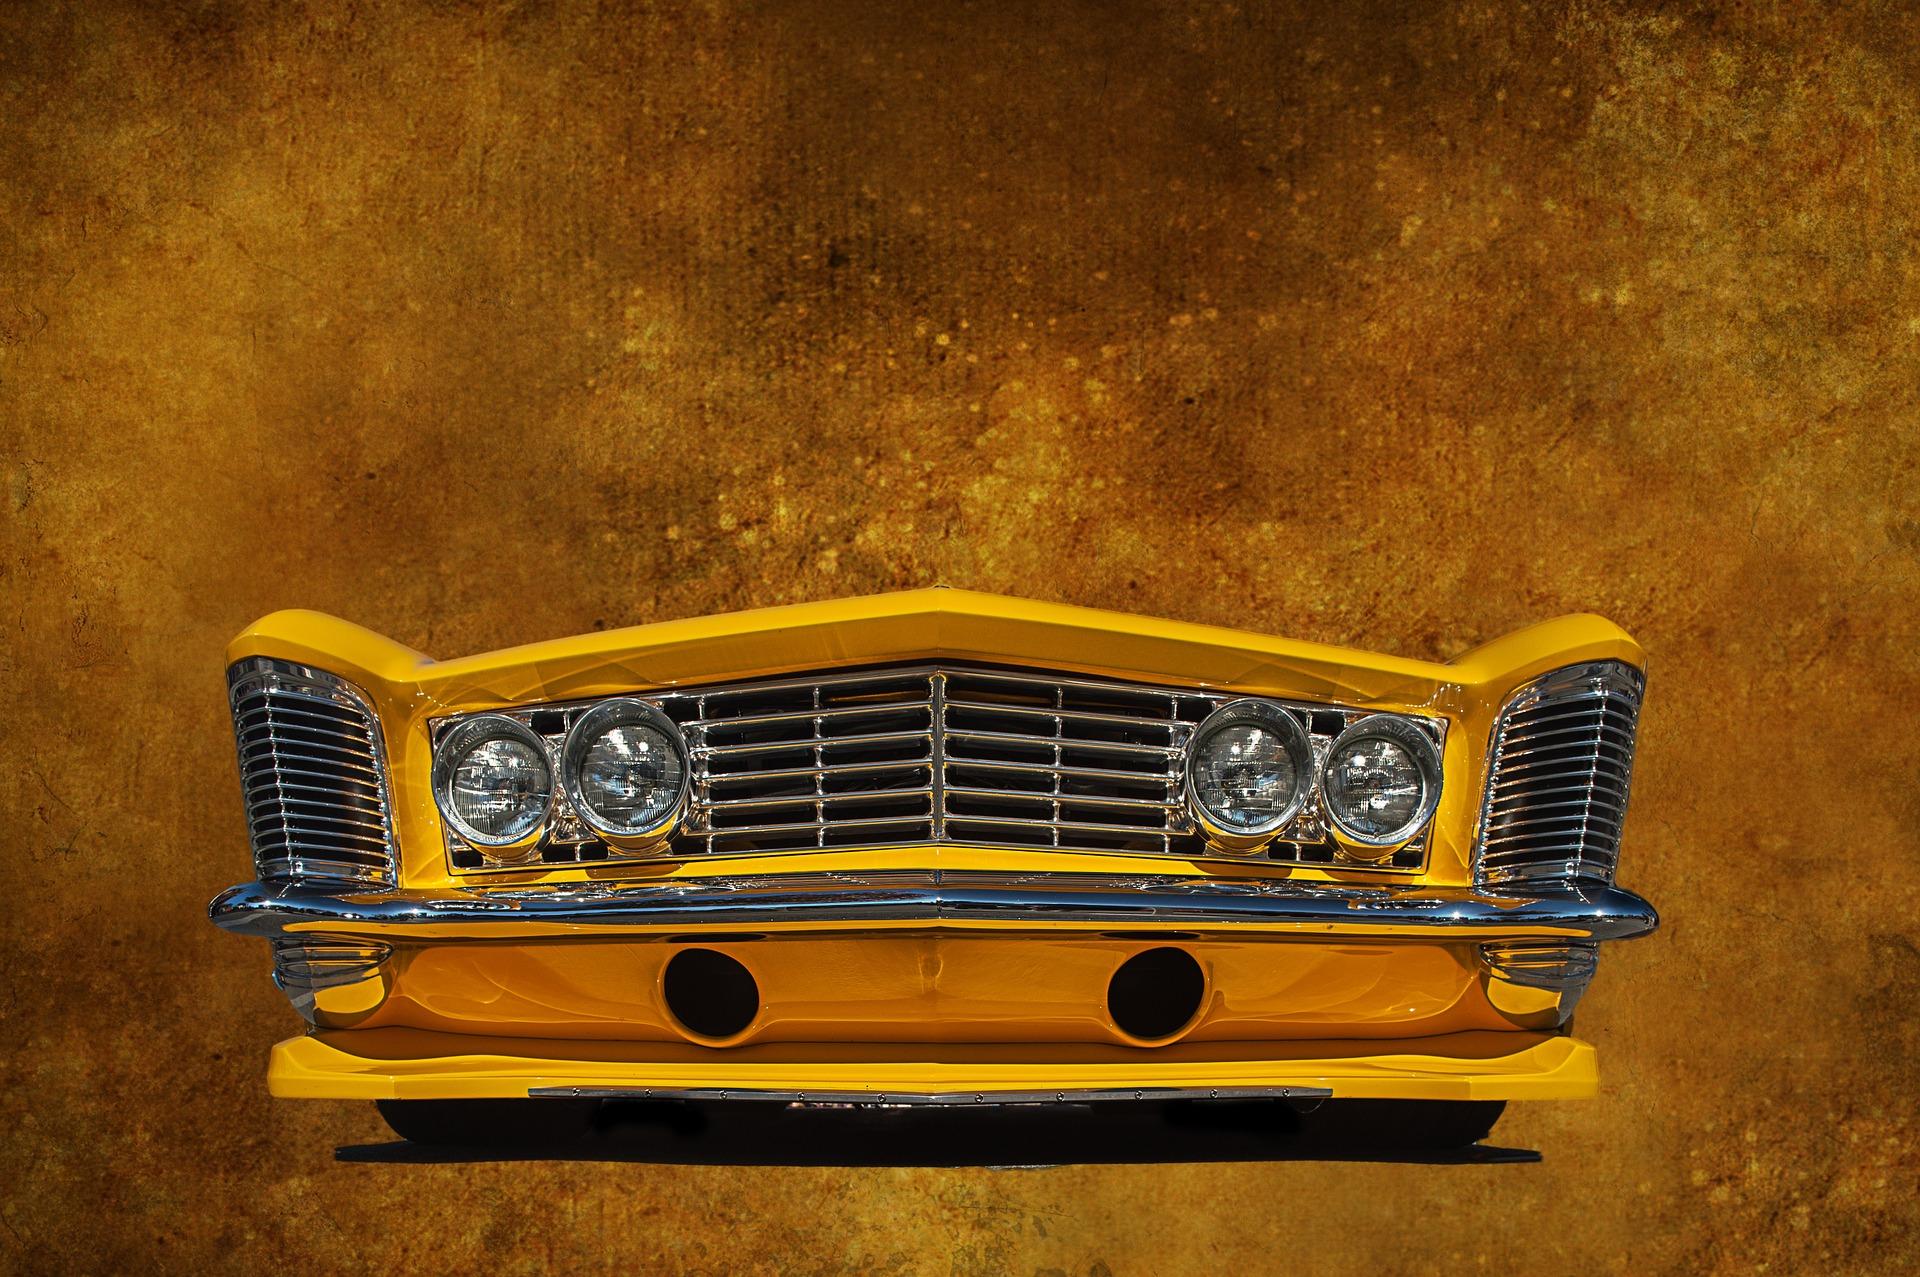 περιβάλλοντος χρήστη, αυτοκίνητο, Κλασικό, παλιάς χρονολογίας, Κίτρινο - Wallpapers HD - Professor-falken.com